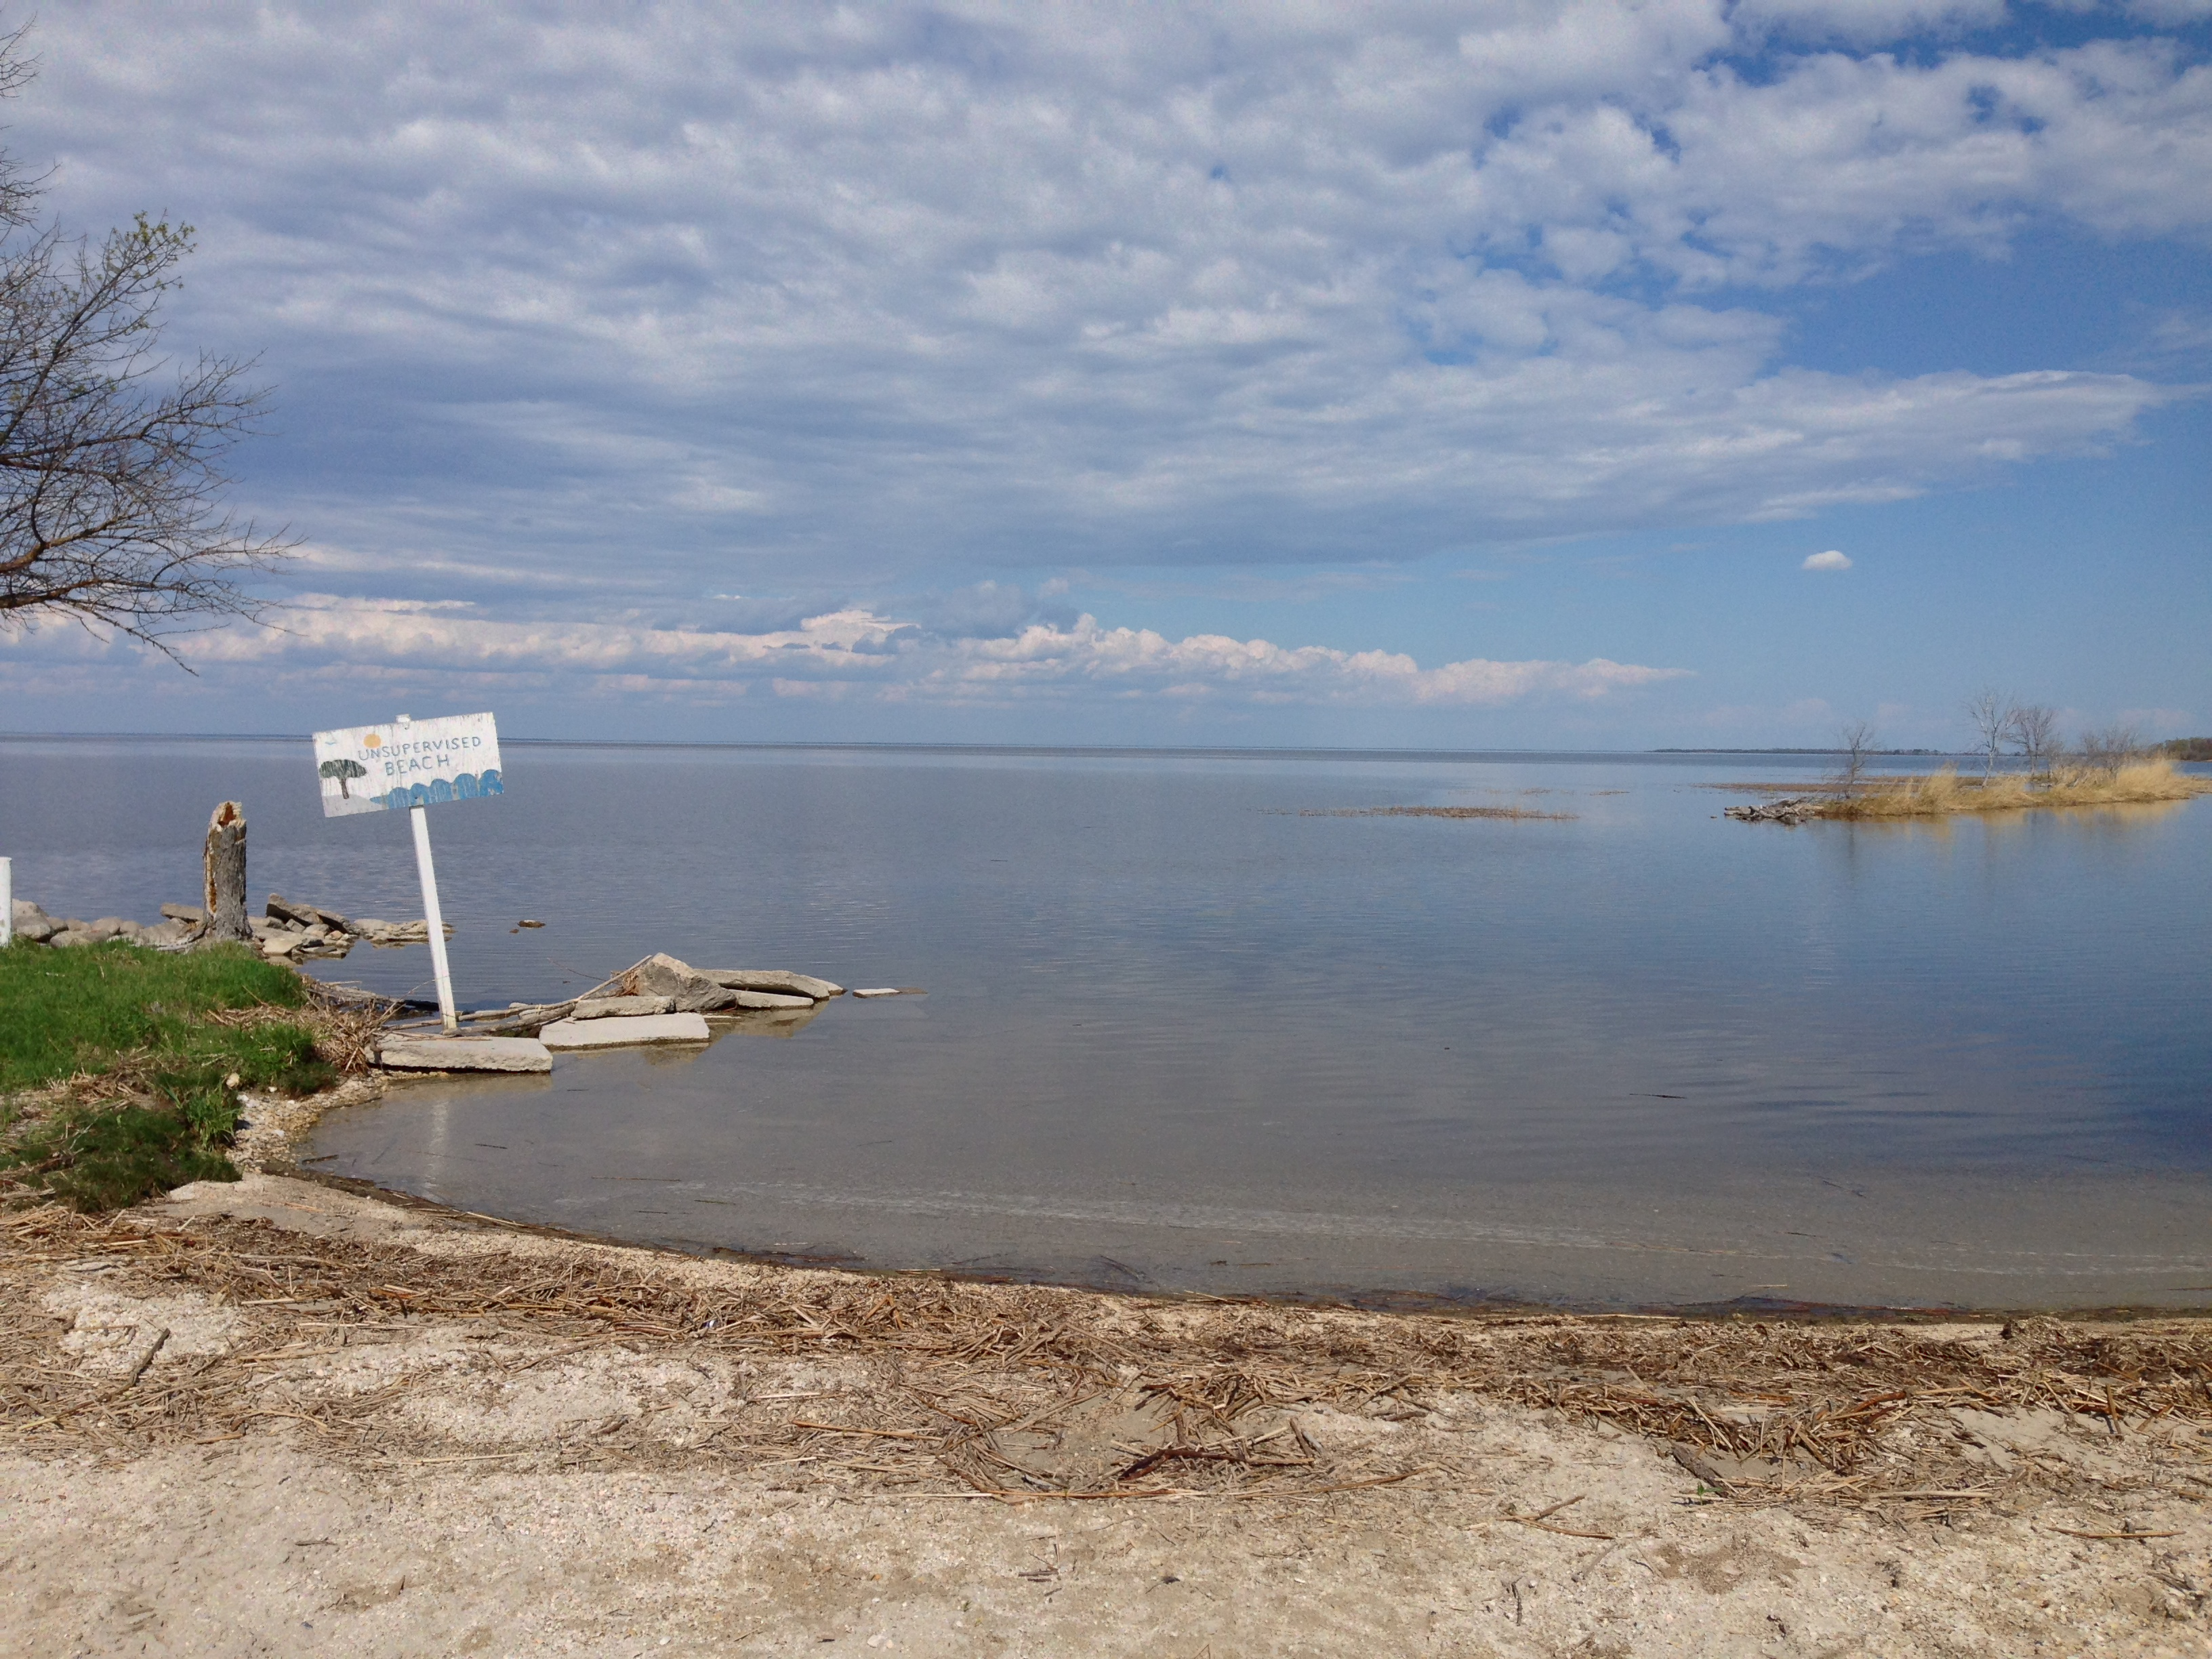 ウィニペゴシス湖